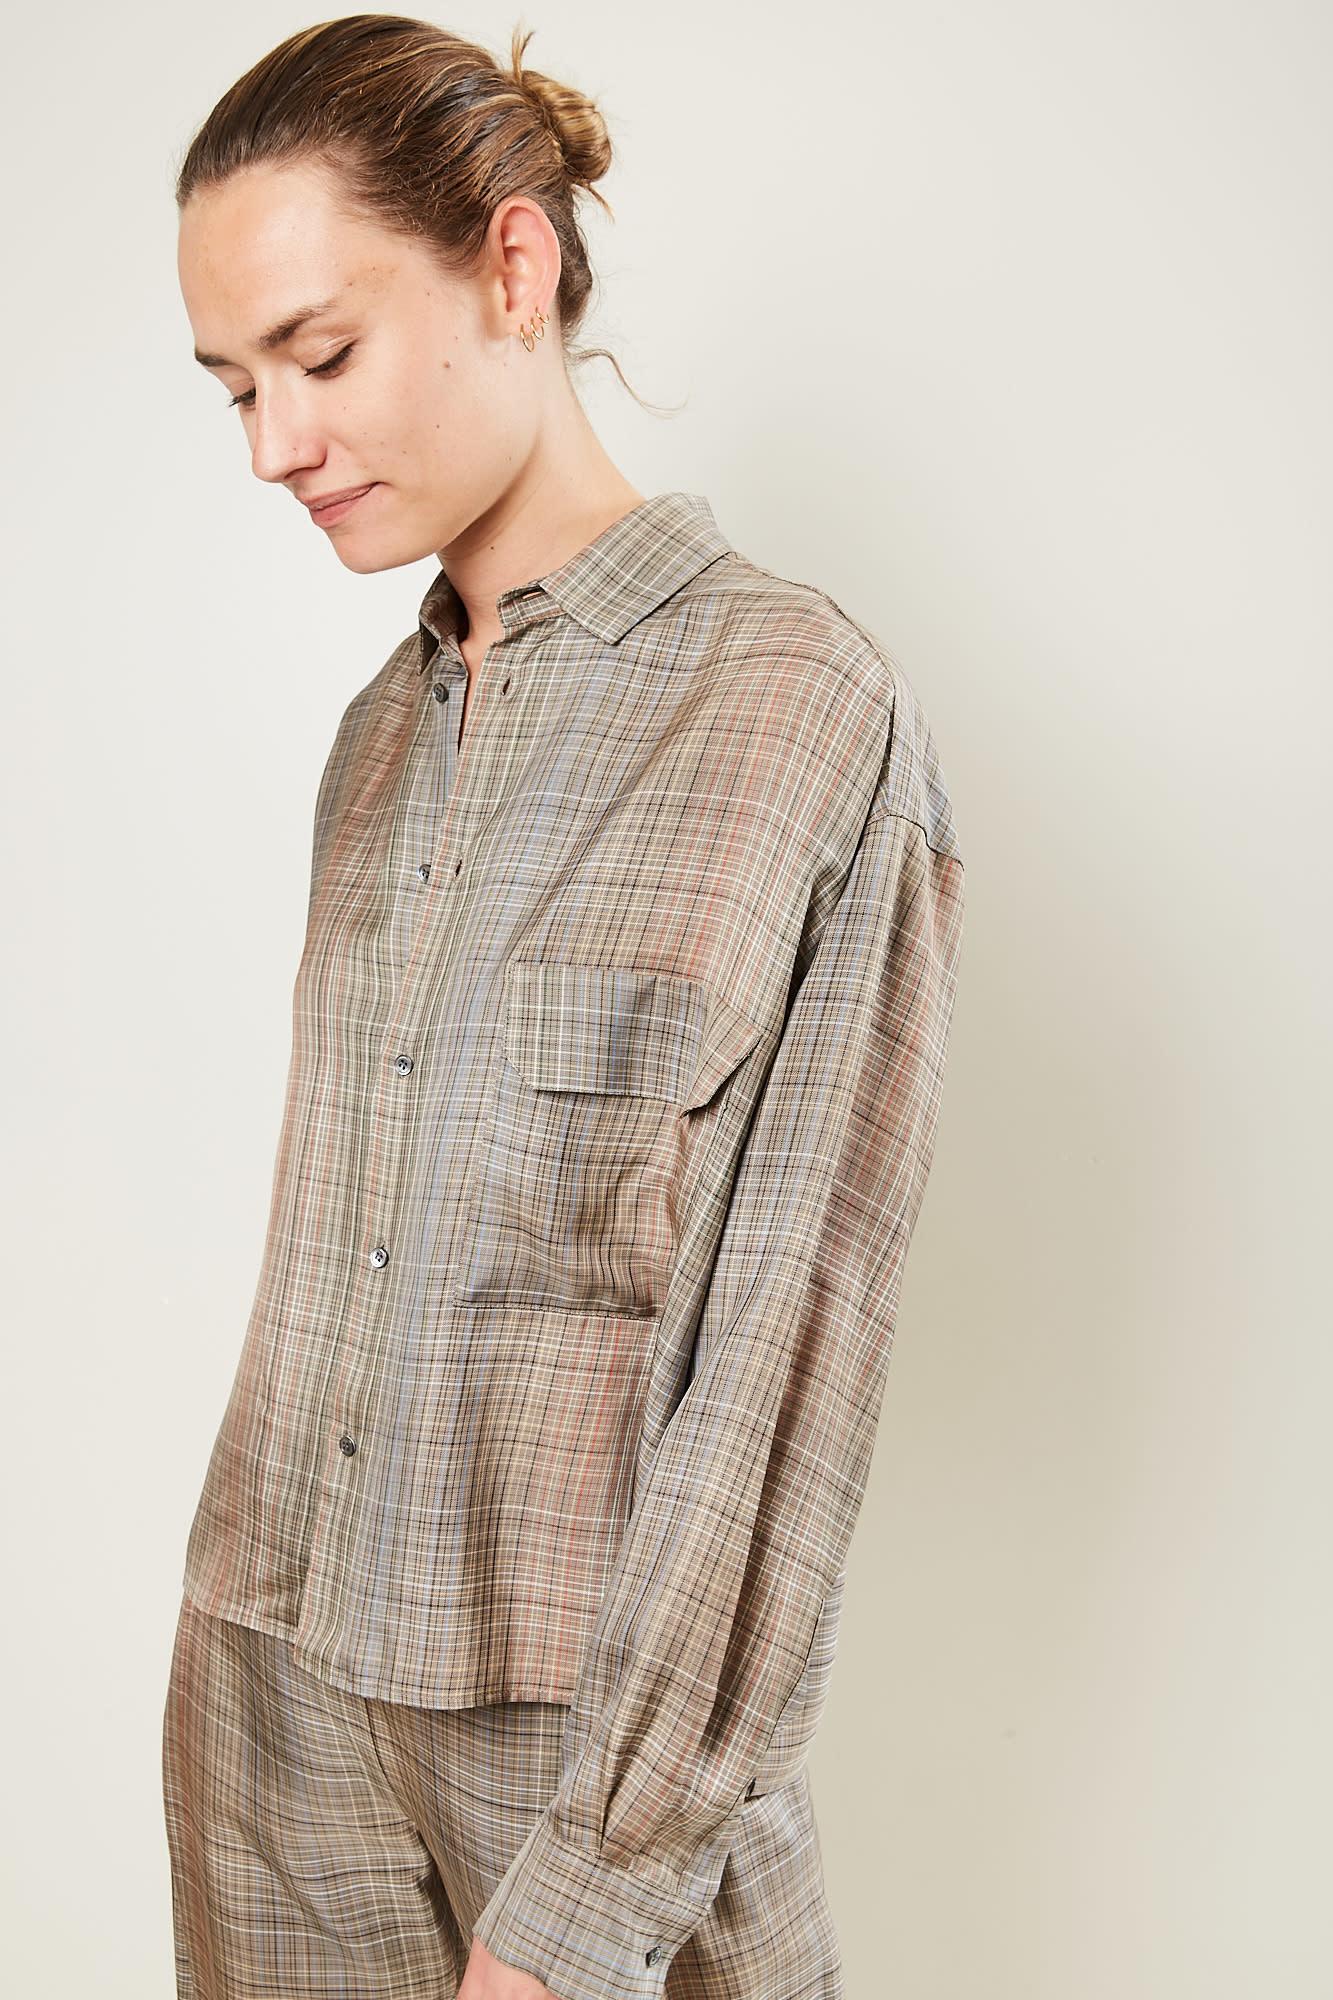 Conifers shirt 49